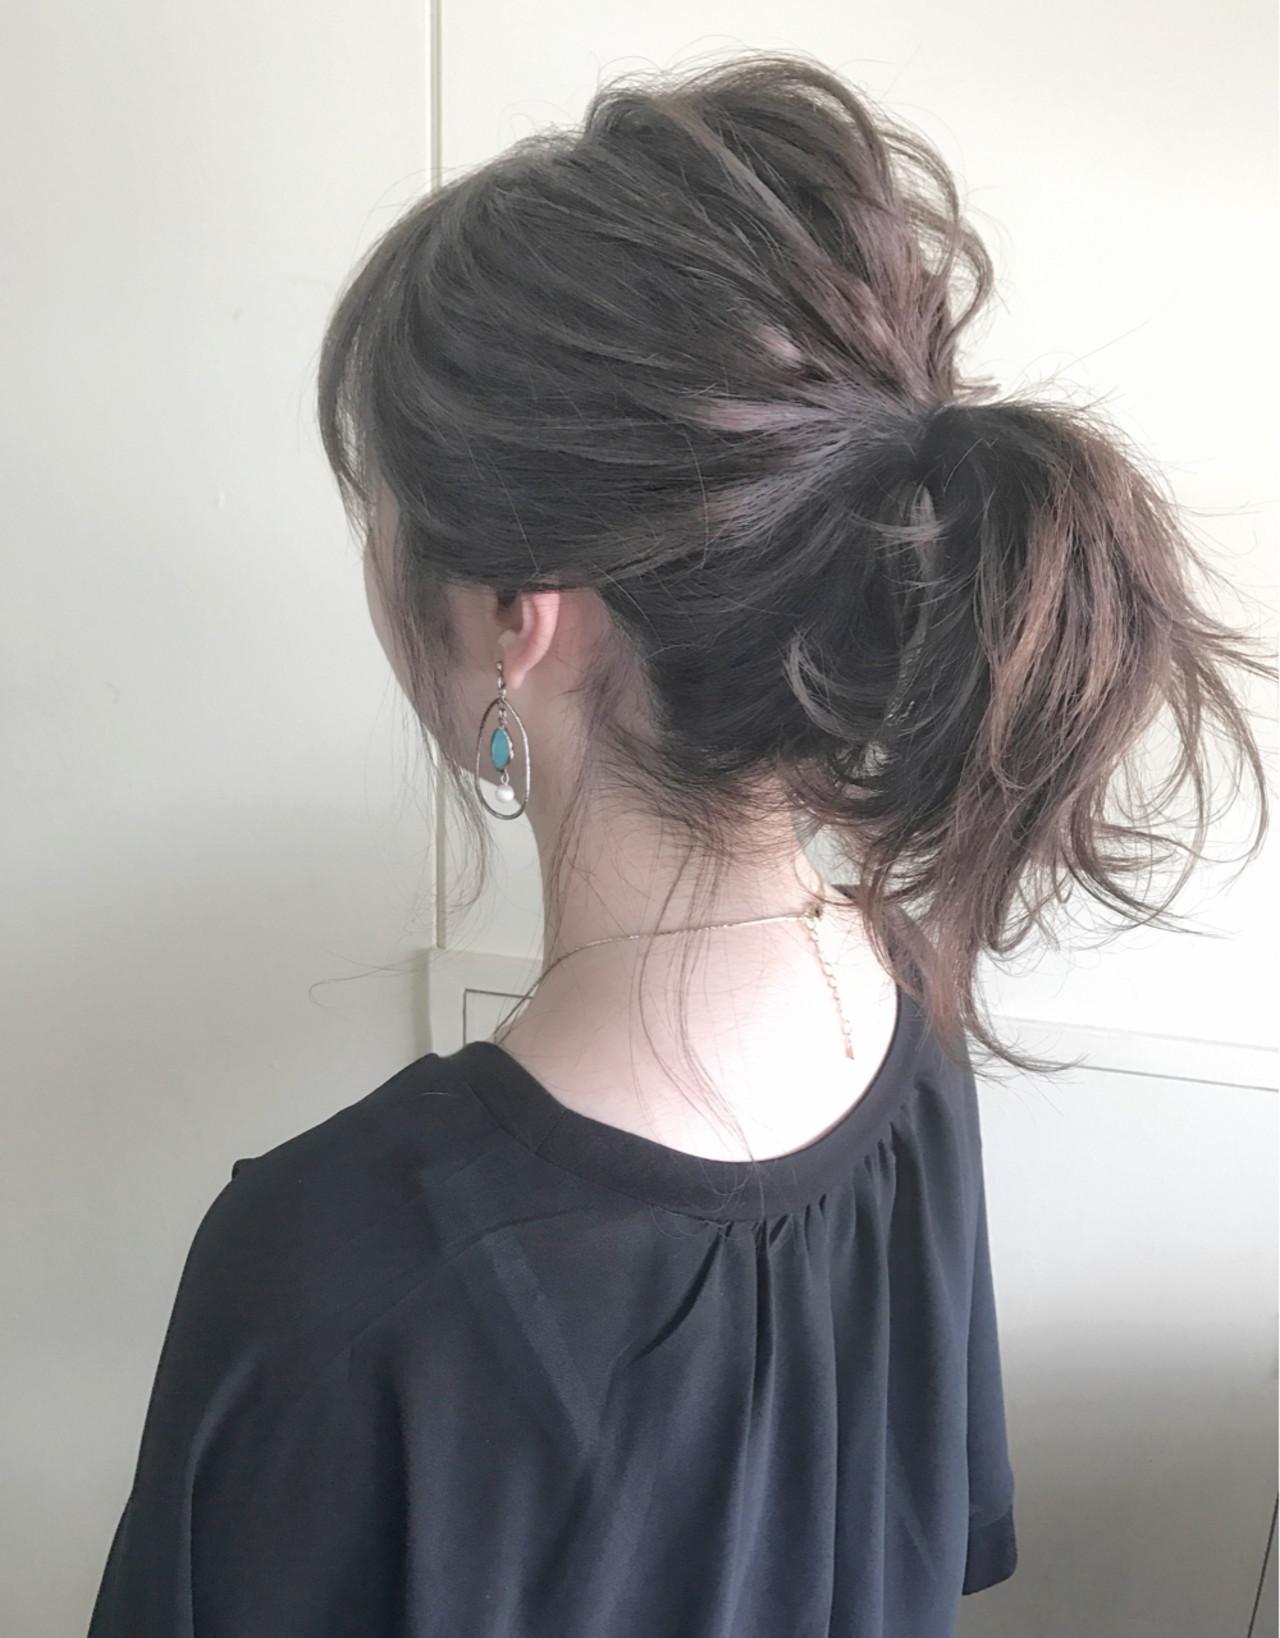 ポニーテール 簡単ヘアアレンジ ヘアアレンジ ナチュラル ヘアスタイルや髪型の写真・画像